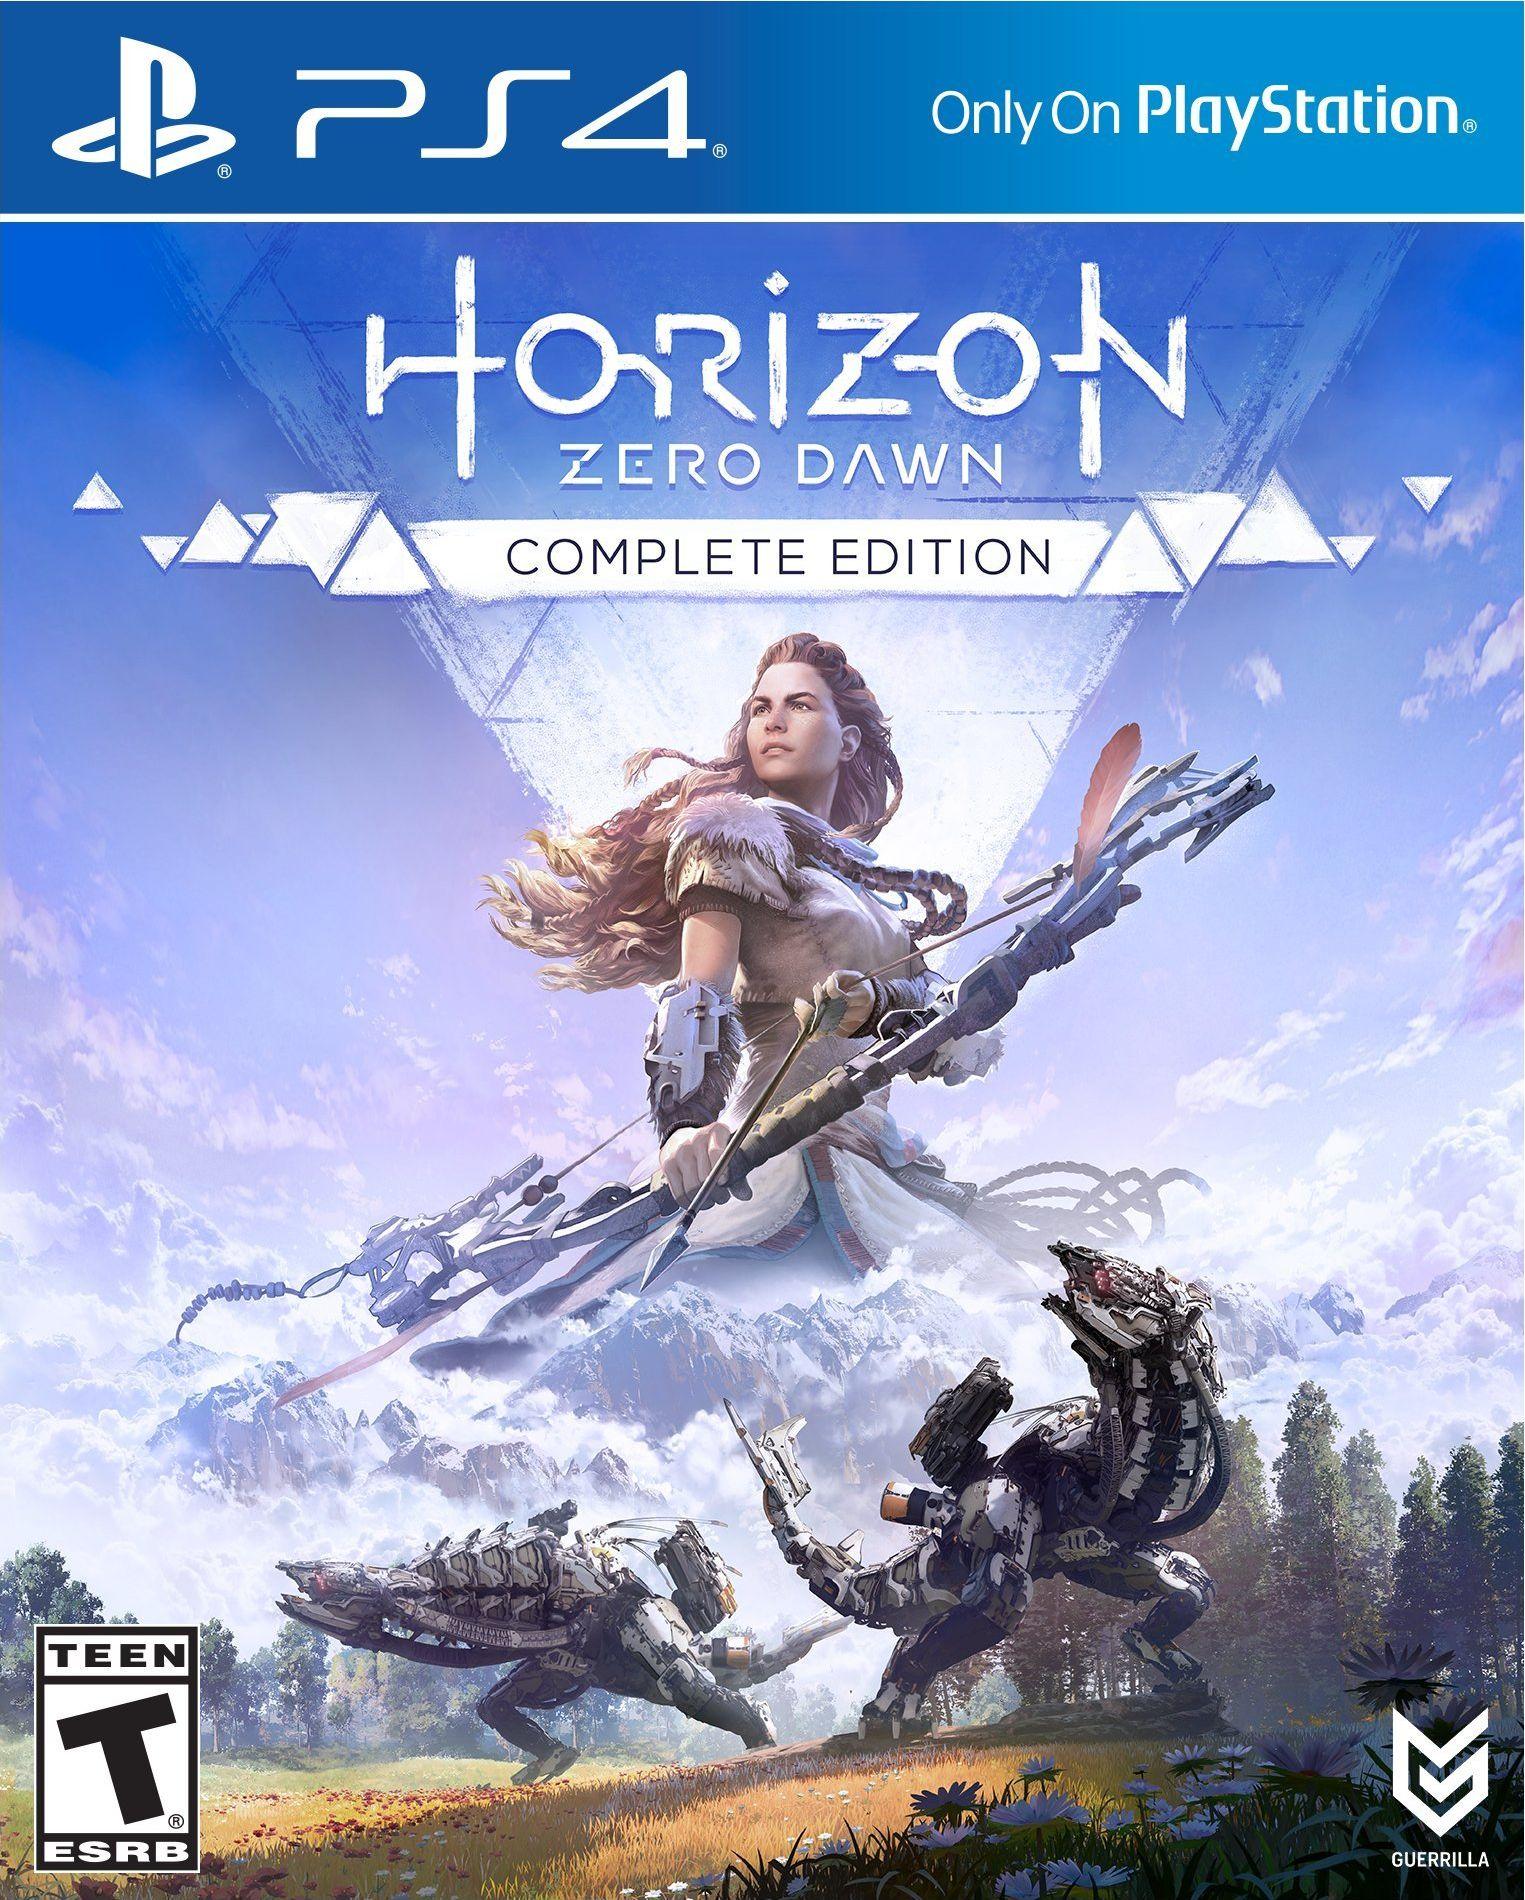 Horizon Zero Dawn Collectors Edition Release Date PS4